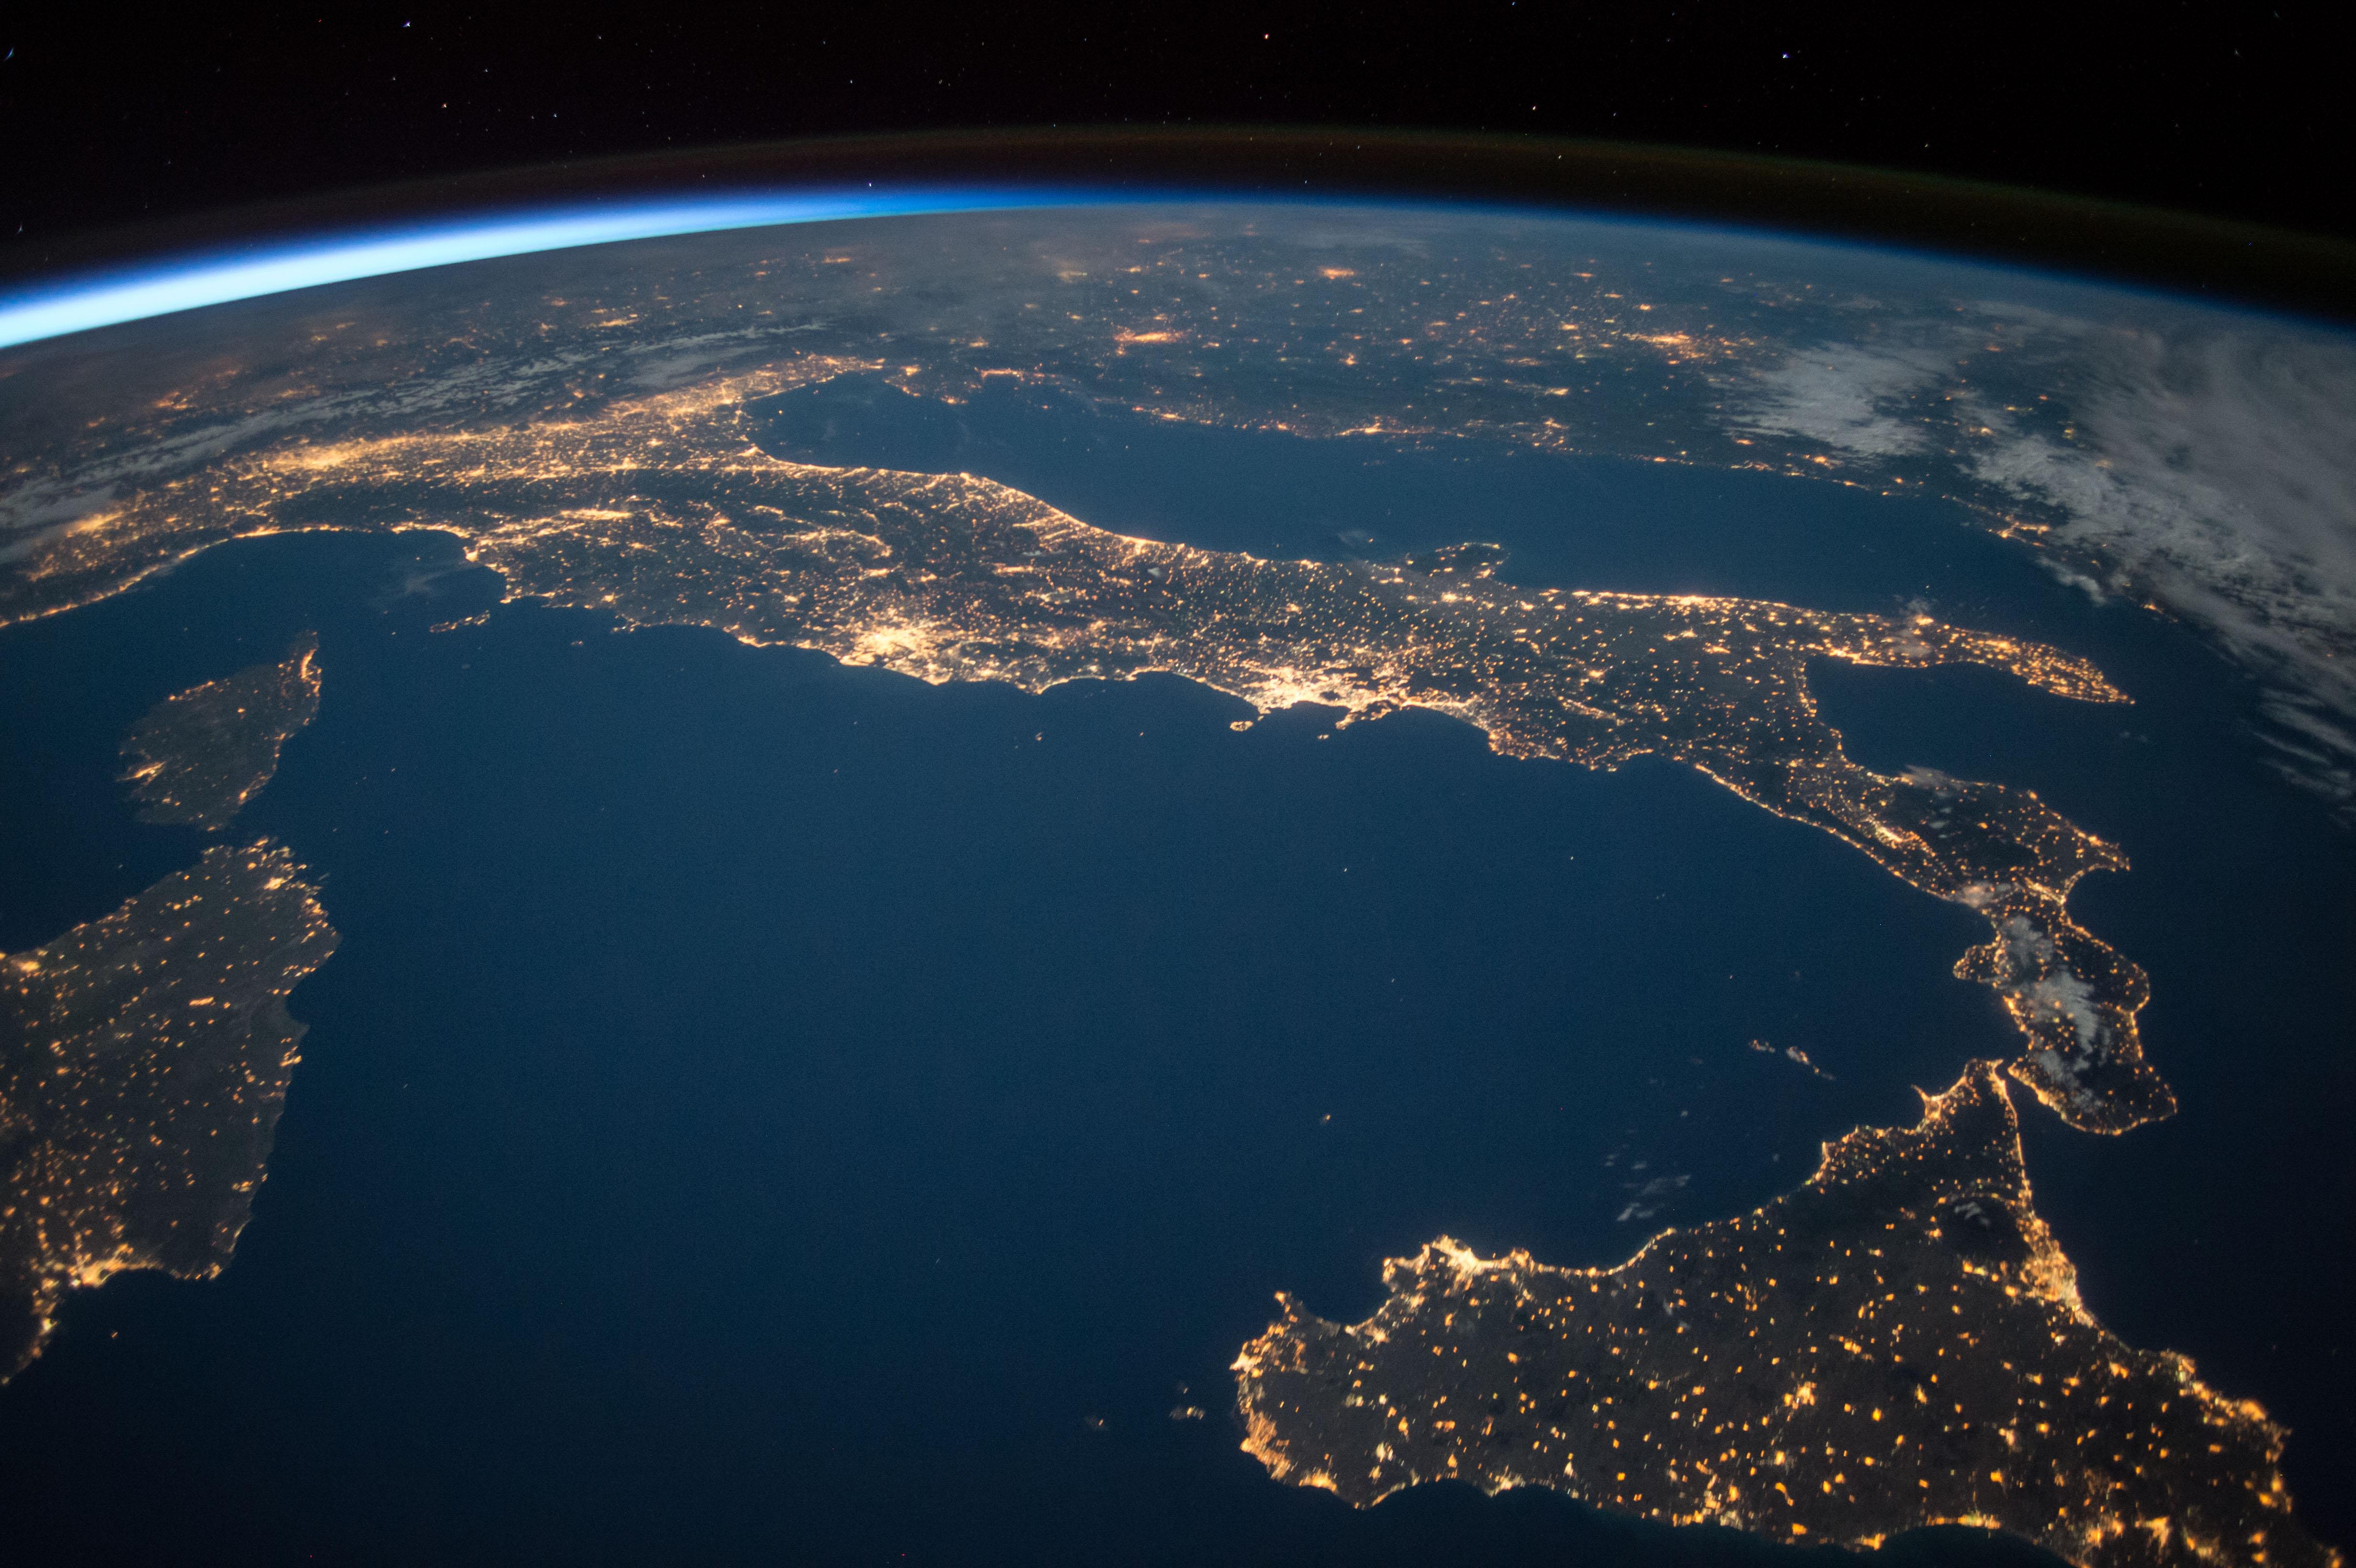 ночная земля фото высокое качество что ещё можно